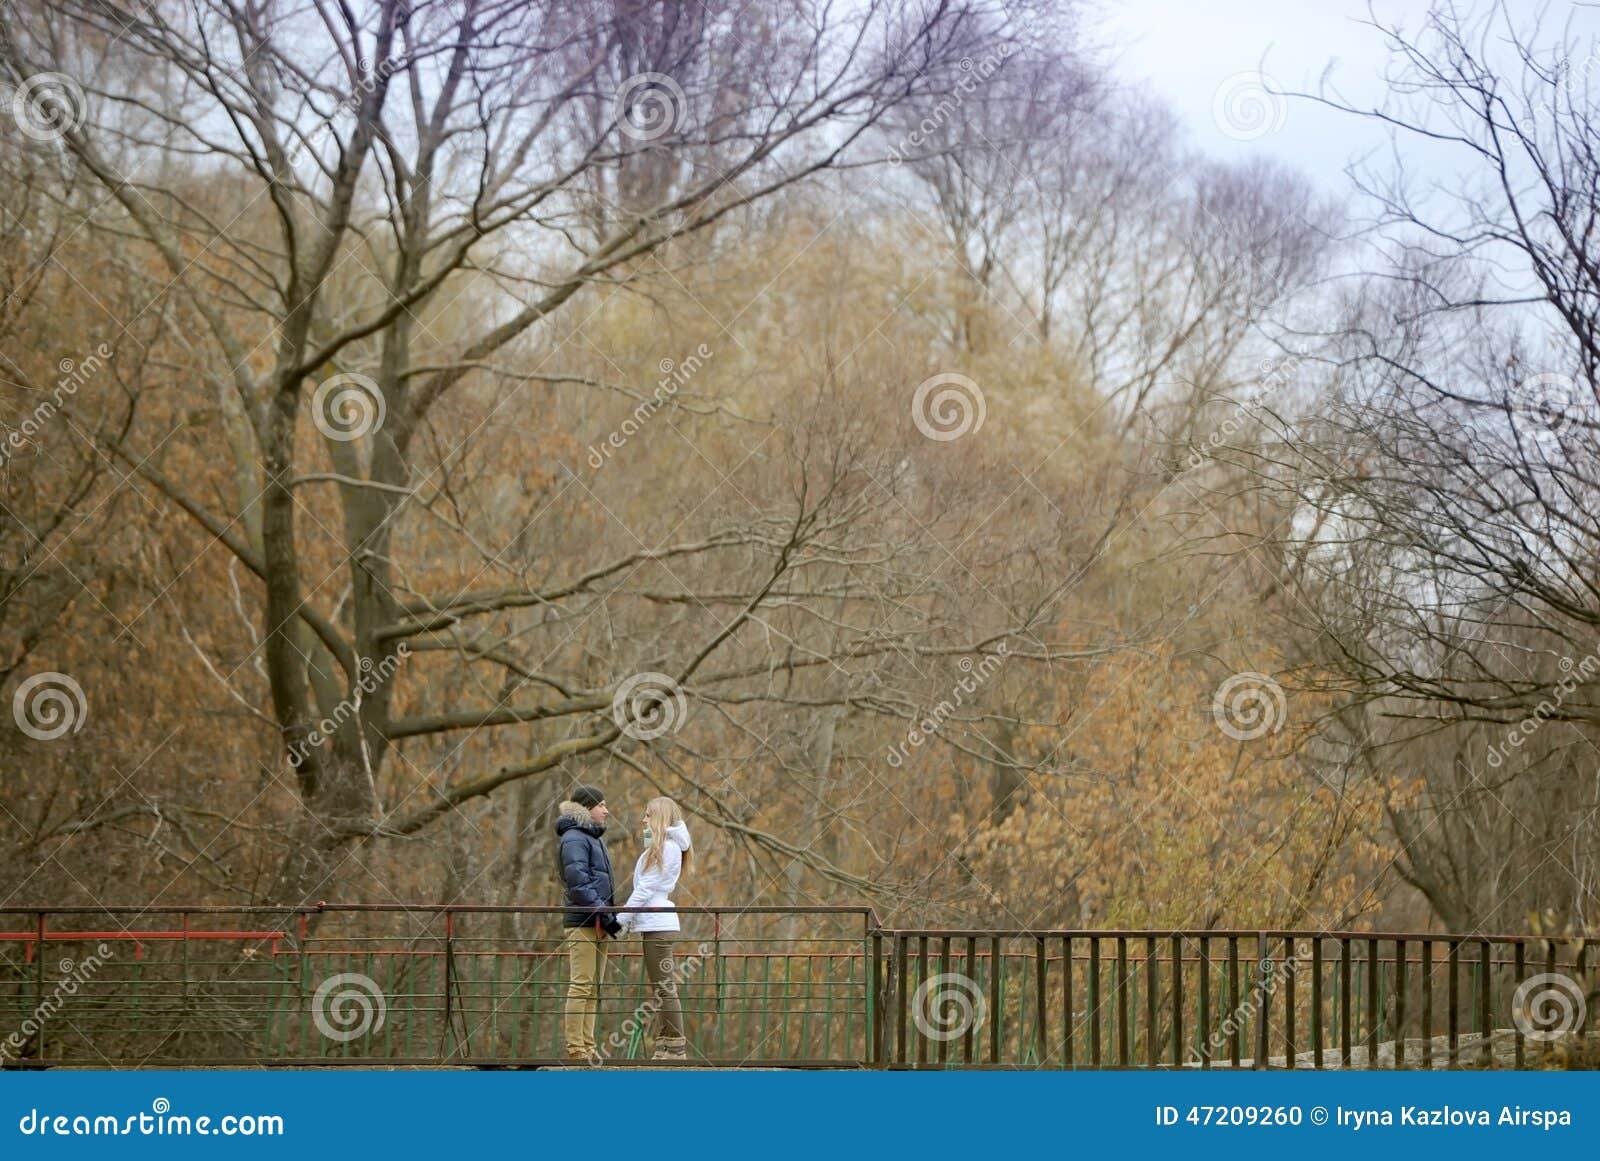 Ο τύπος και το κορίτσι περπατούν στο πάρκο φθινοπώρου